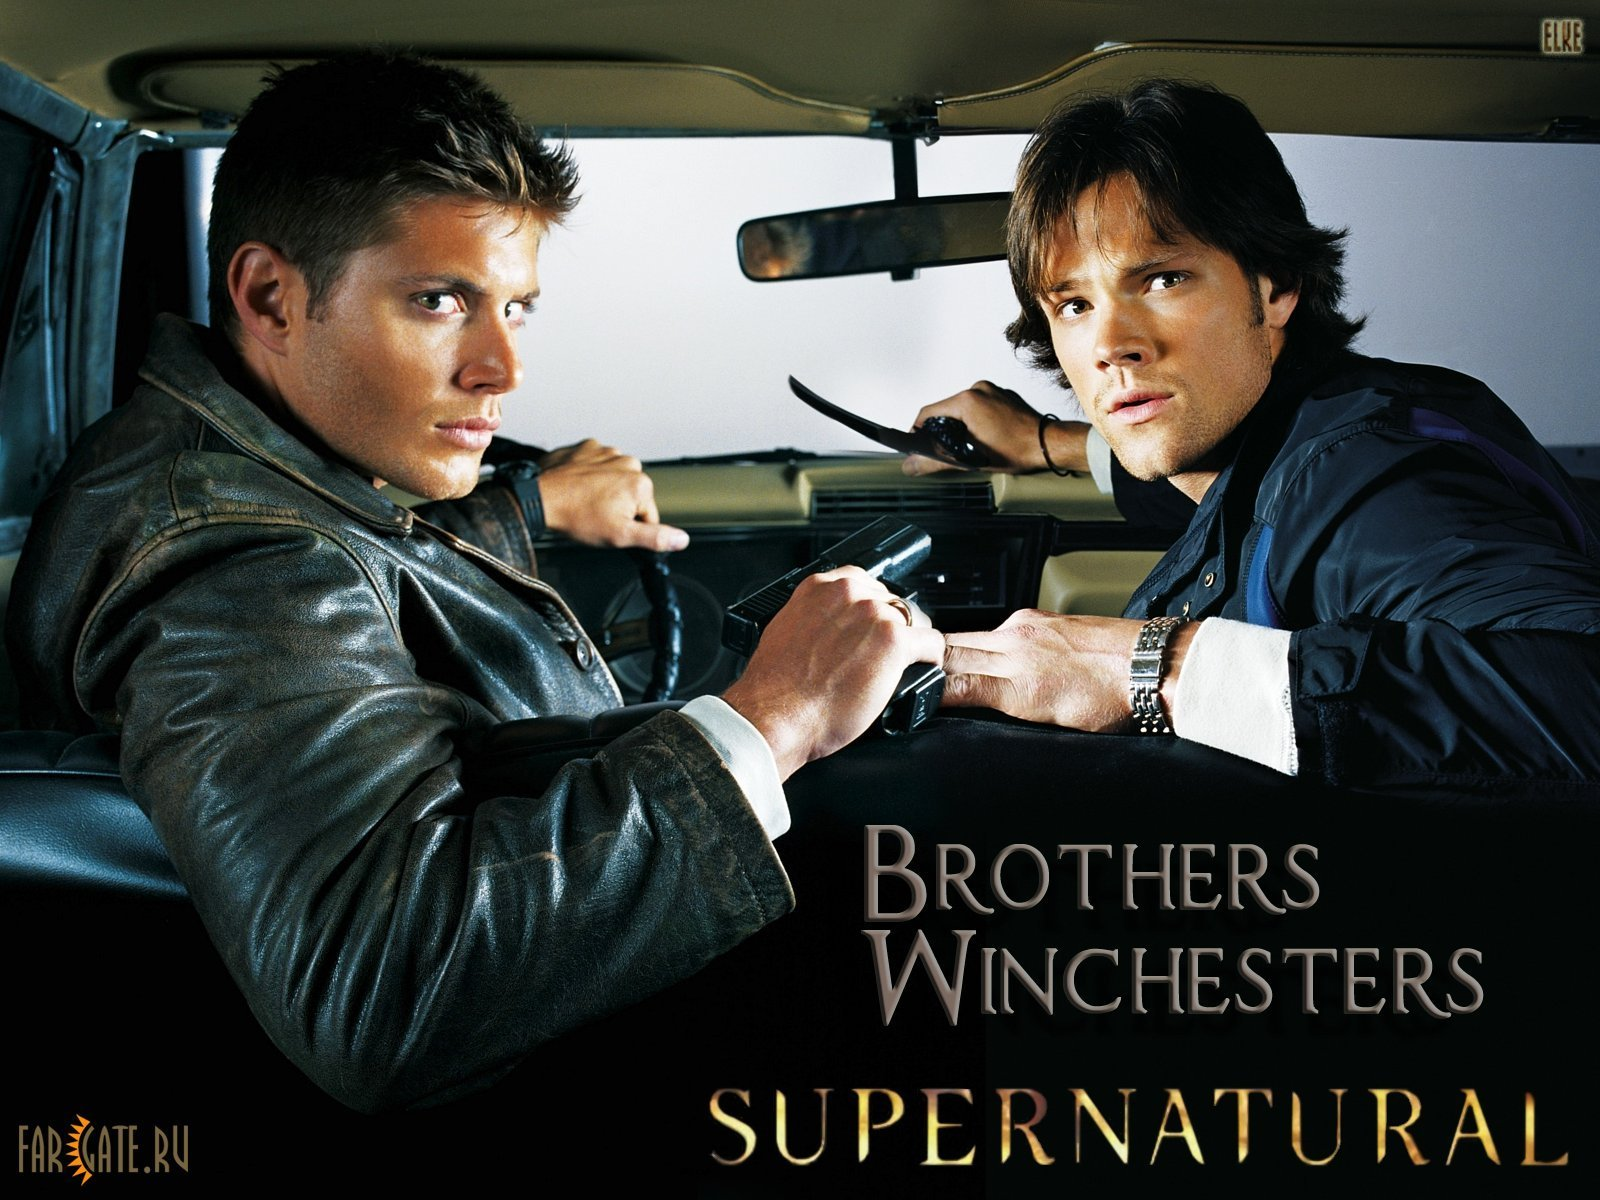 https://3.bp.blogspot.com/-LTxBQlfXIrw/TiiEGCtu-PI/AAAAAAAAAN0/fgRQA0AIRq4/s1600/Supernatural-supernatural-6276085-1600-1200.jpg